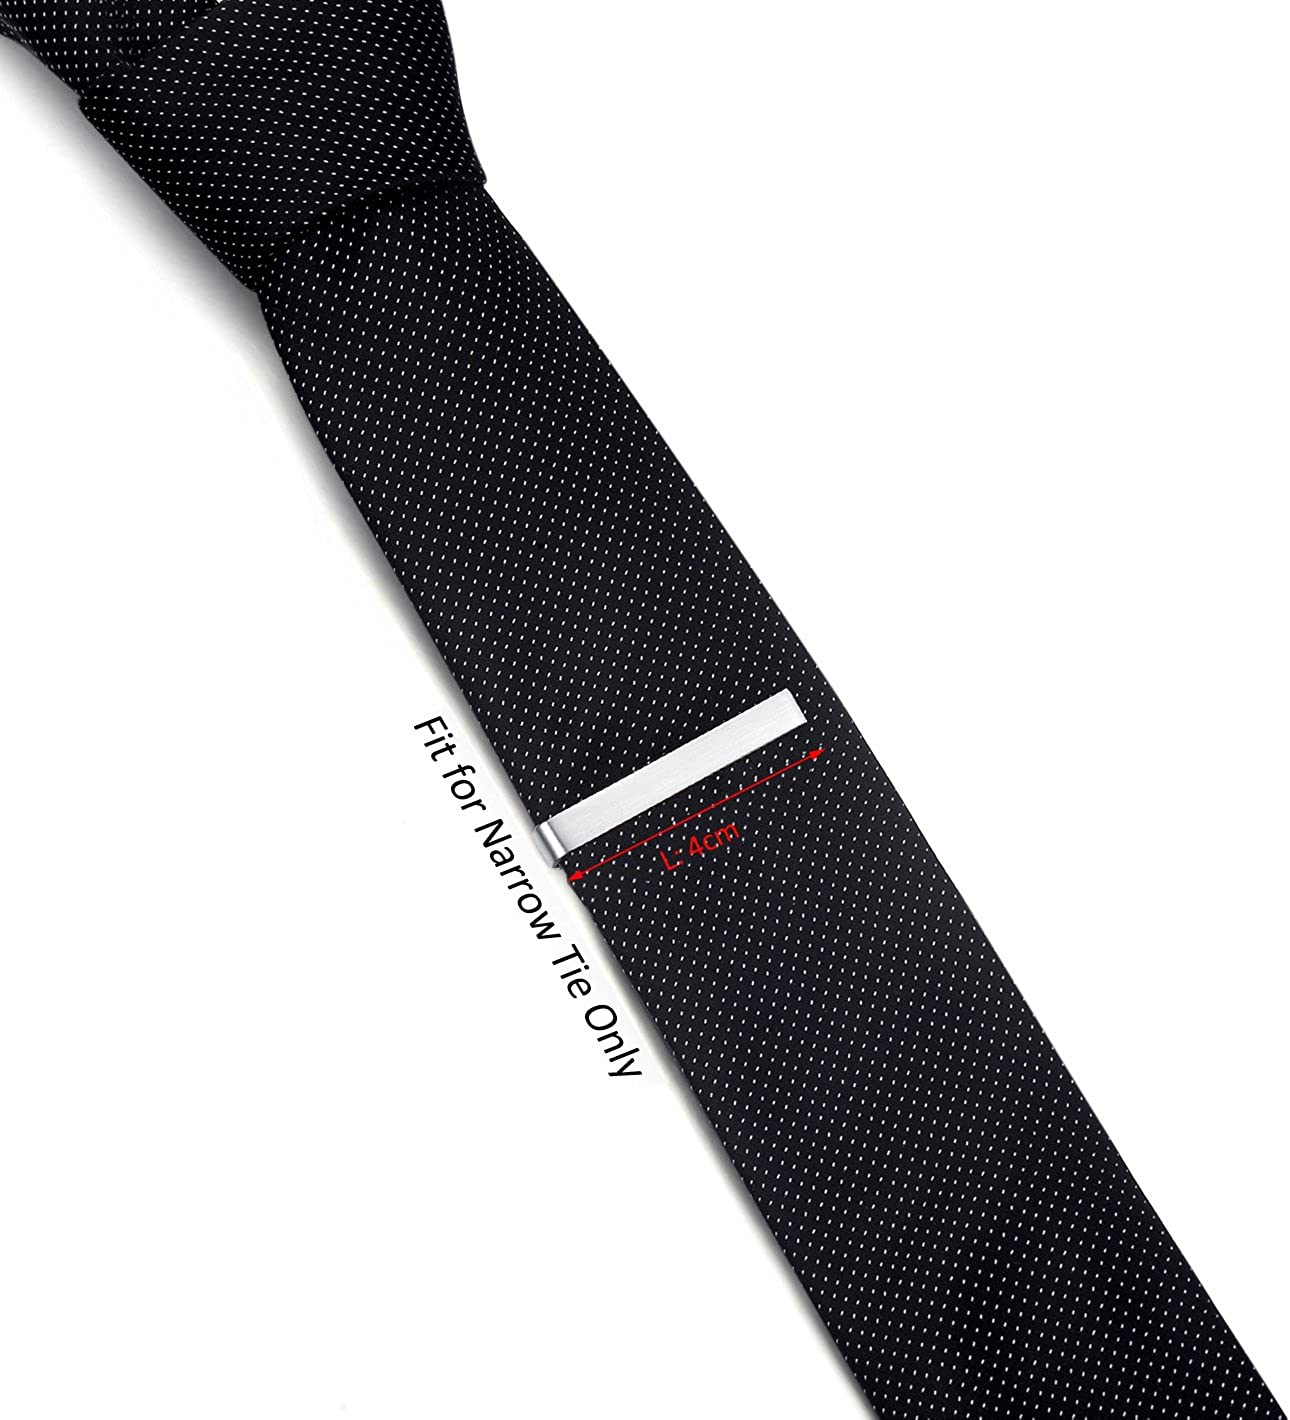 HONEY BEAR Skinny Clip Pasador de Corbata Acero Inoxidable,Boda Negocio Regalo,4cm para Hombre//Chicos Necktie